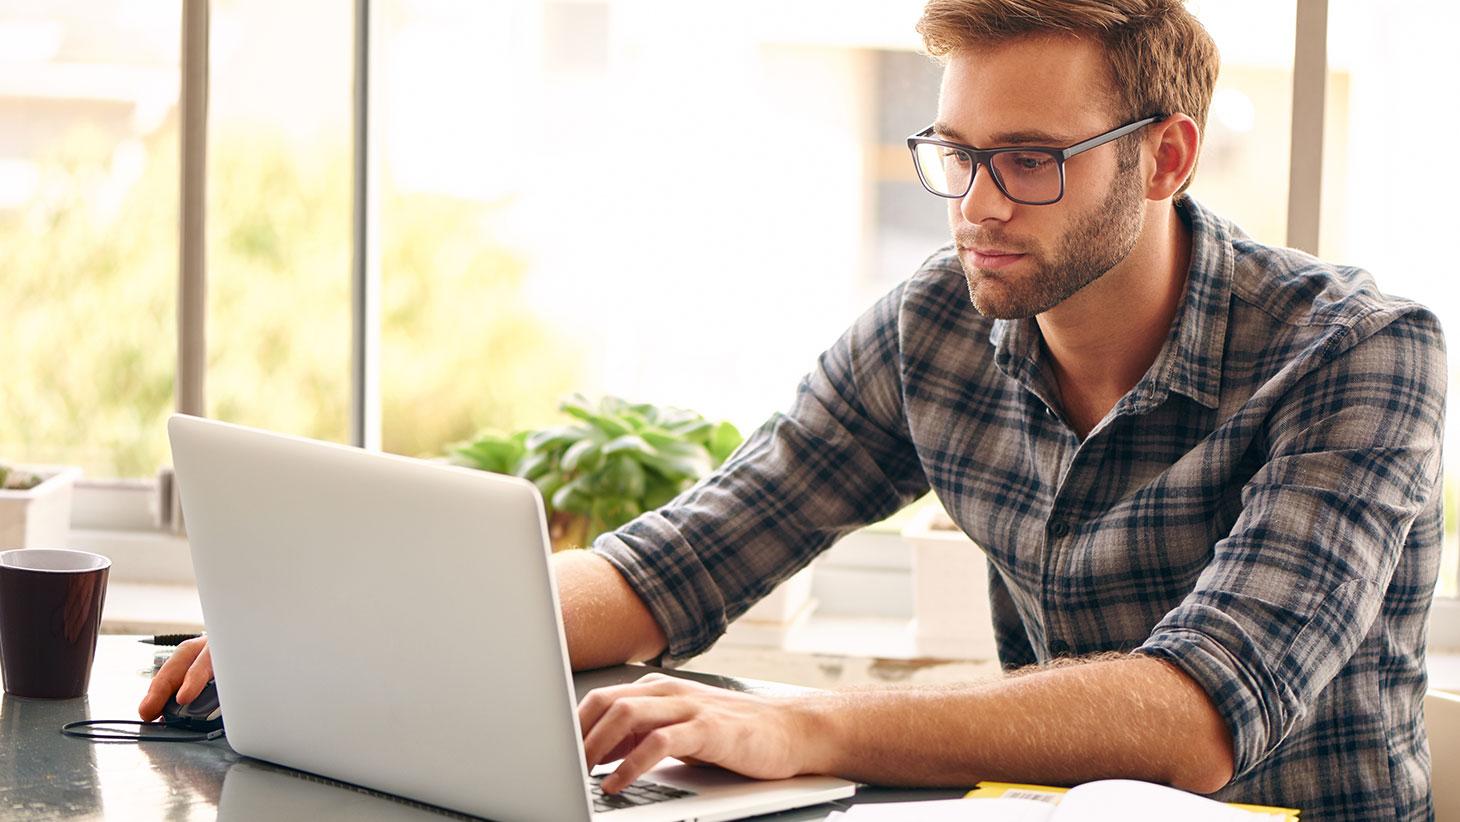 7 dicas para aproveitar ao máximo a educação a distância (EAD)